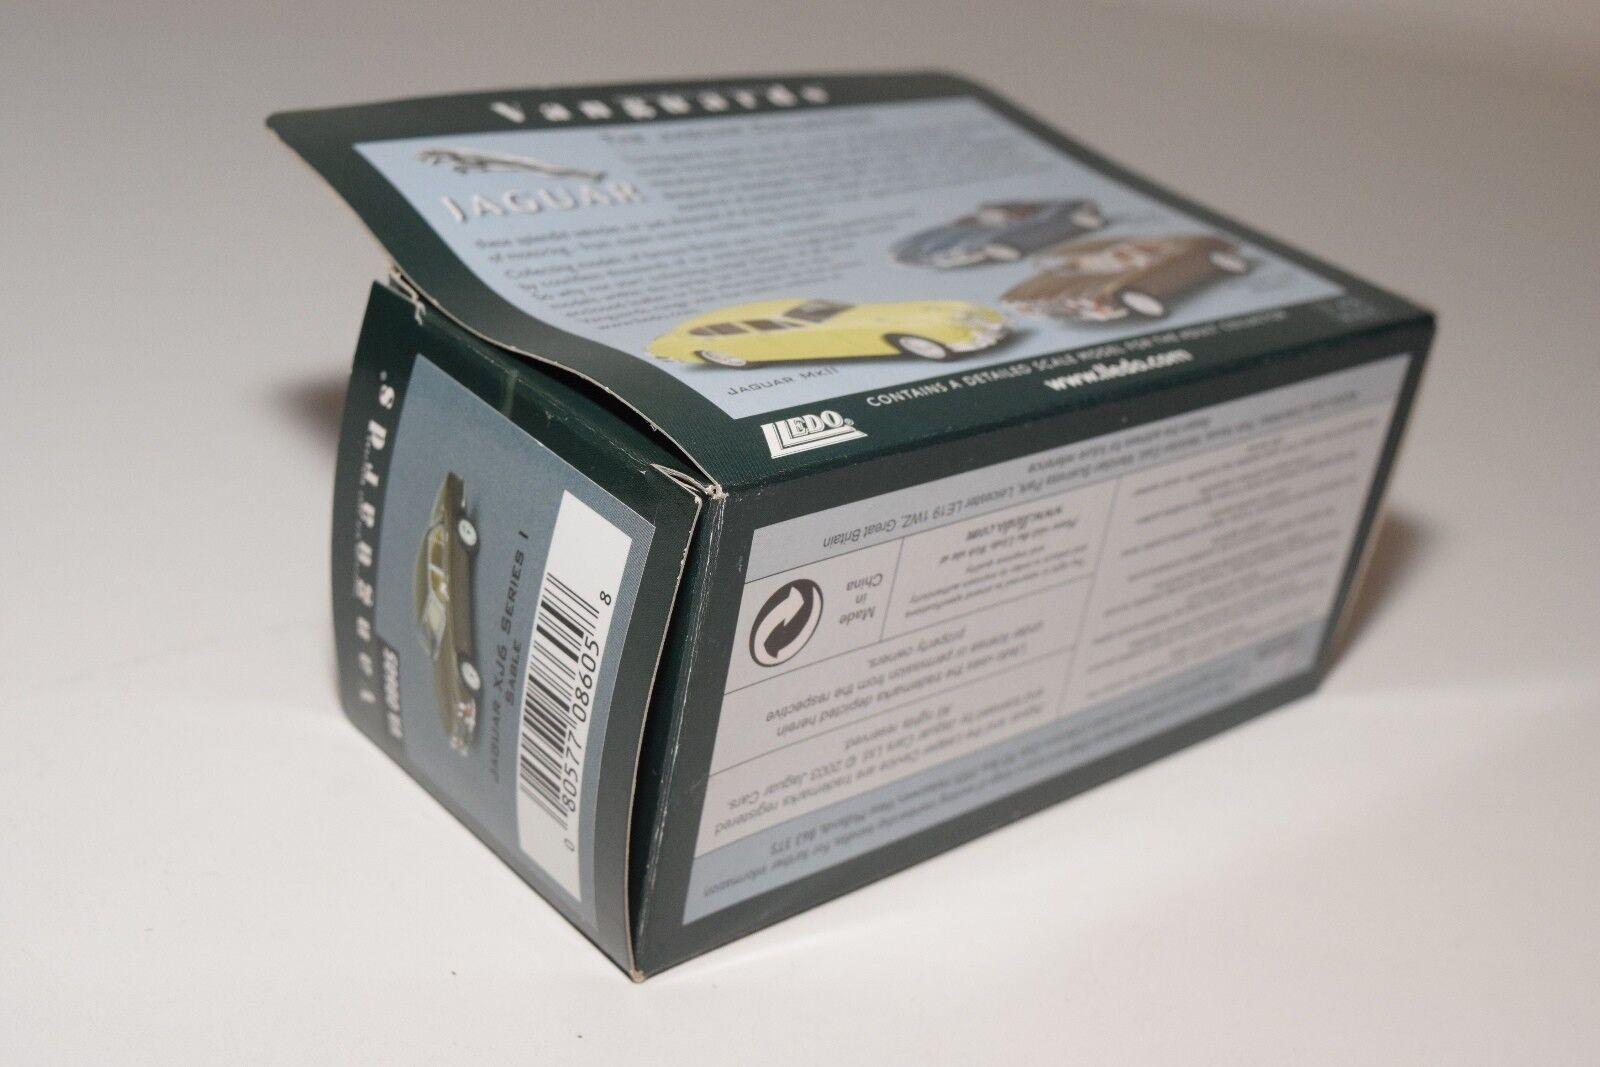 VANGUARDS VA08605 VA08605 VA08605 JAGUAR XJ6 SERIES I SABLE BROWN MINT BOXED b4bf97